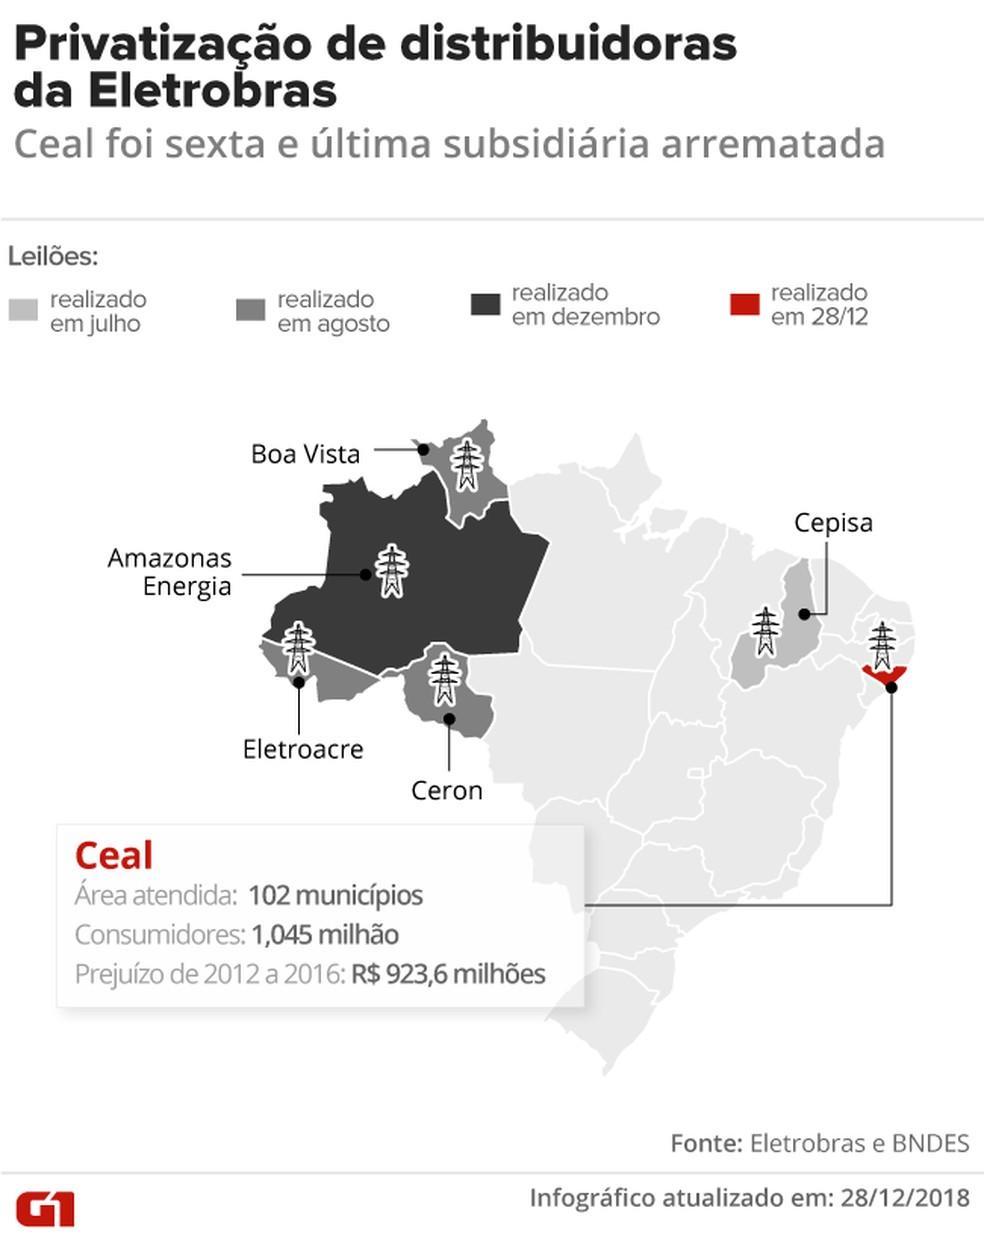 Leilão de privatização da Ceal — Foto: Arte/G1